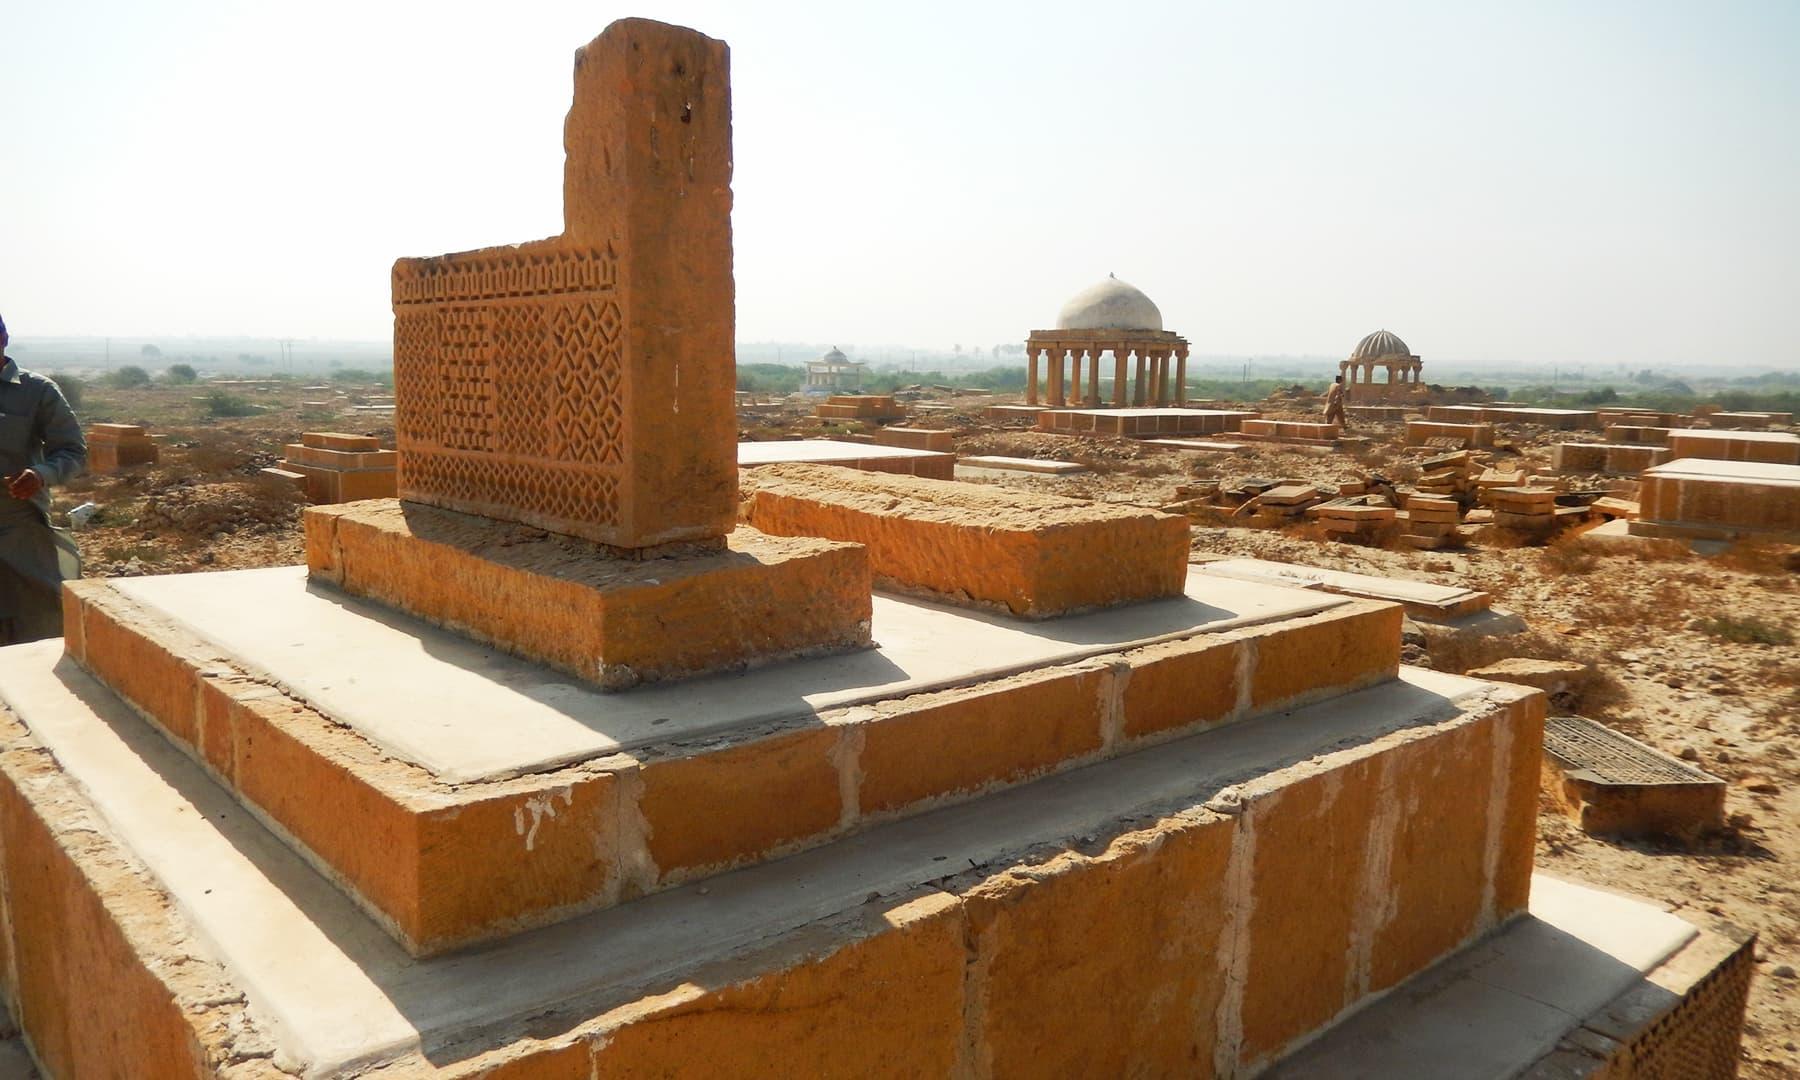 وادی کے پاس موجود قدیم قبریں اور مقابر — تصویر ابوبکر شیخ